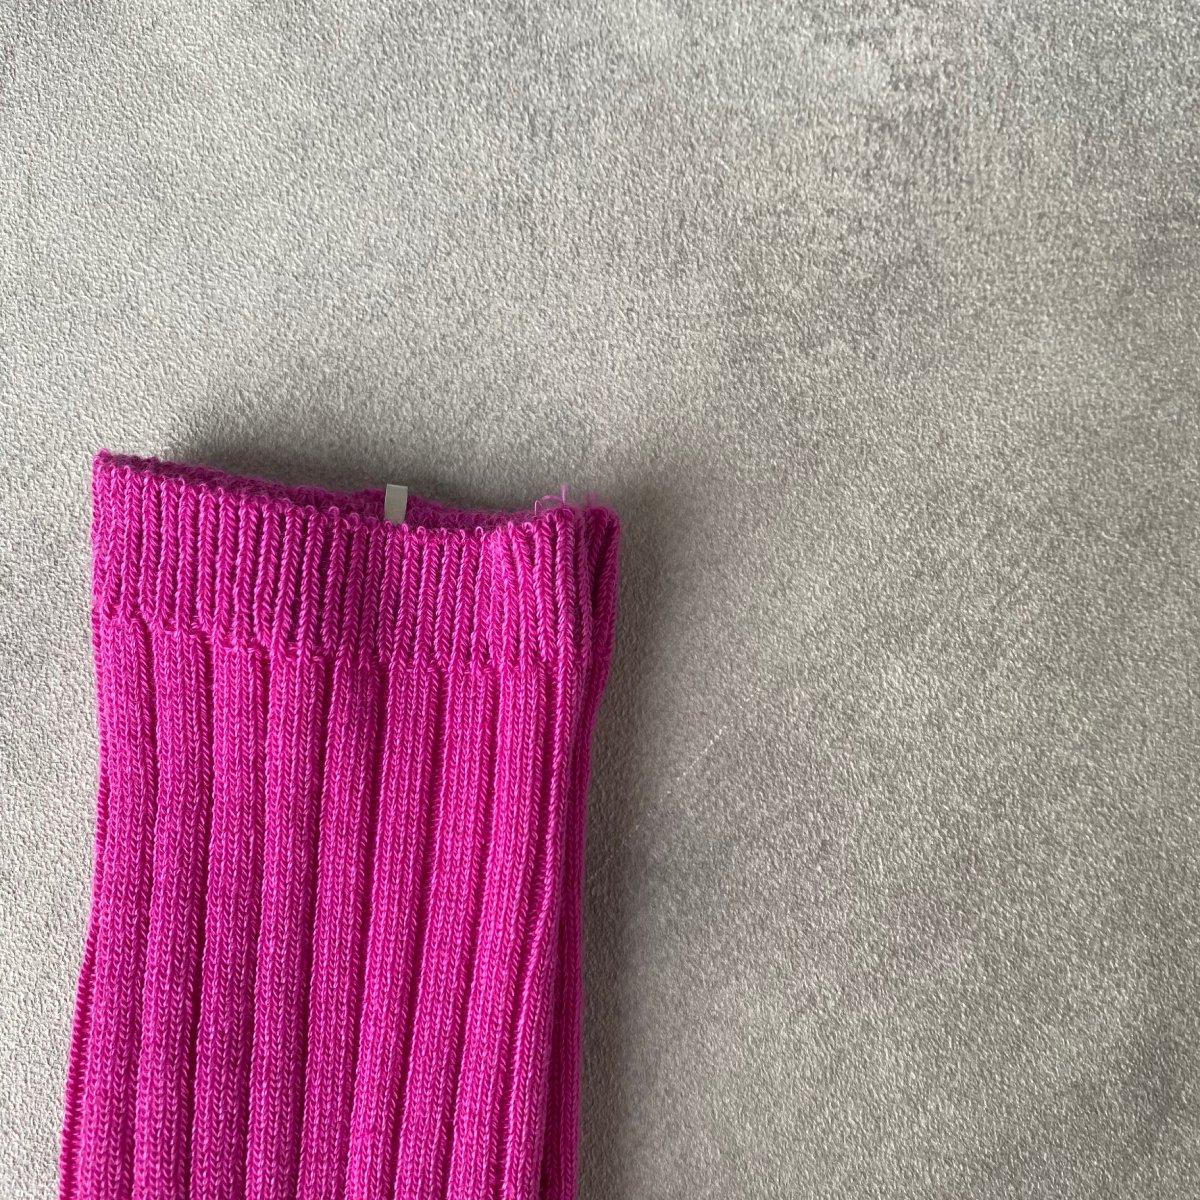 【KIDS】Neon Socks 詳細画像18